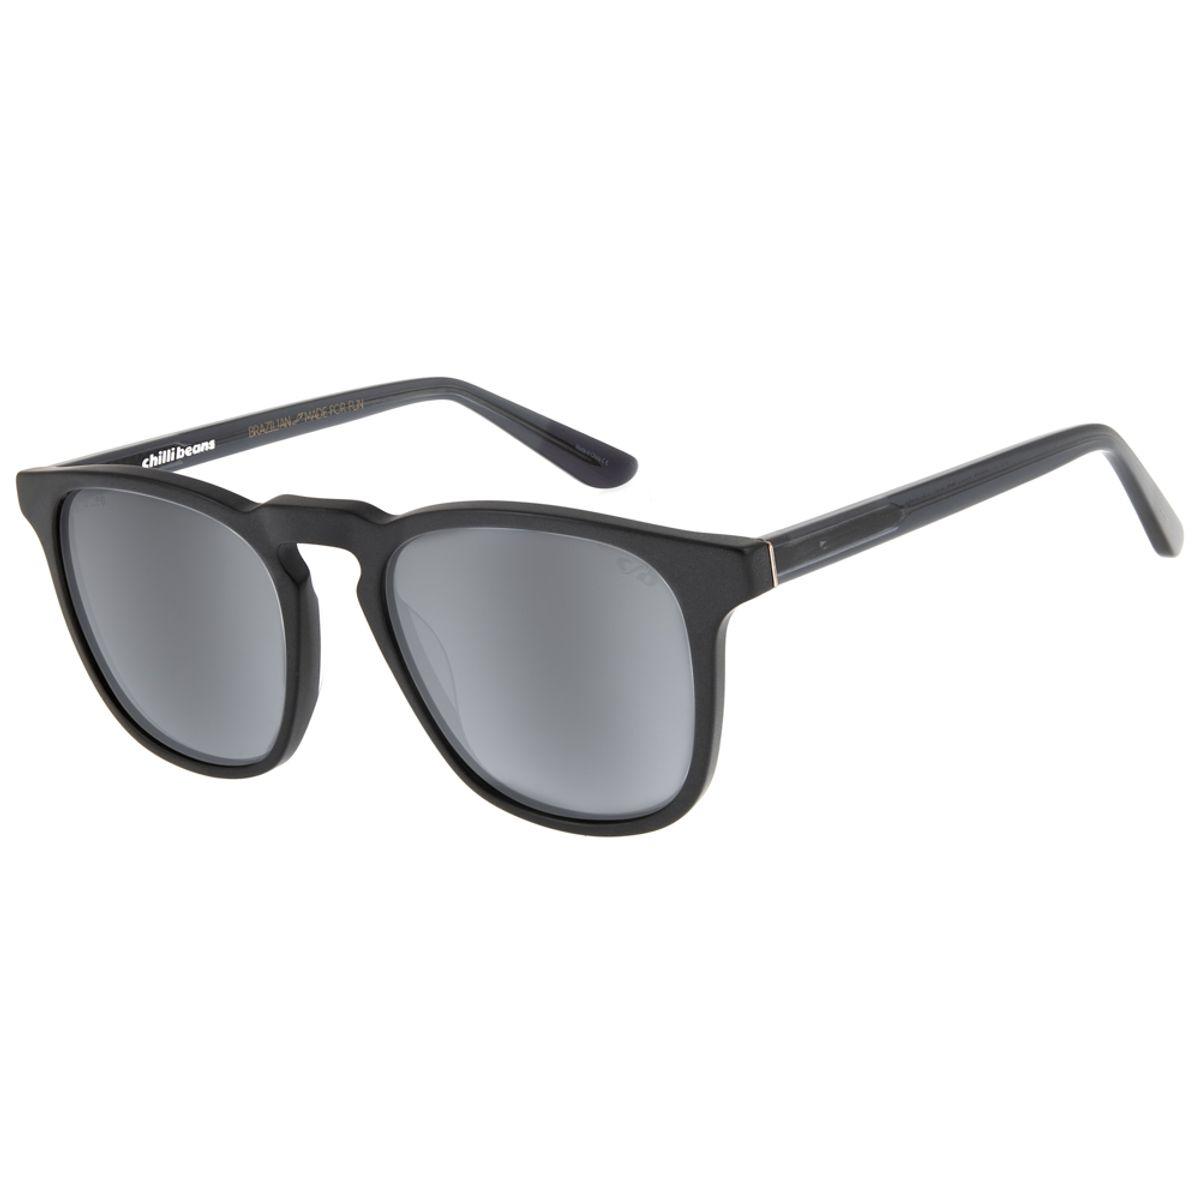 cf7a96674 Óculos de Sol Bossa Nova Unissex Chilli Beans Blk Flash Polarizado ...